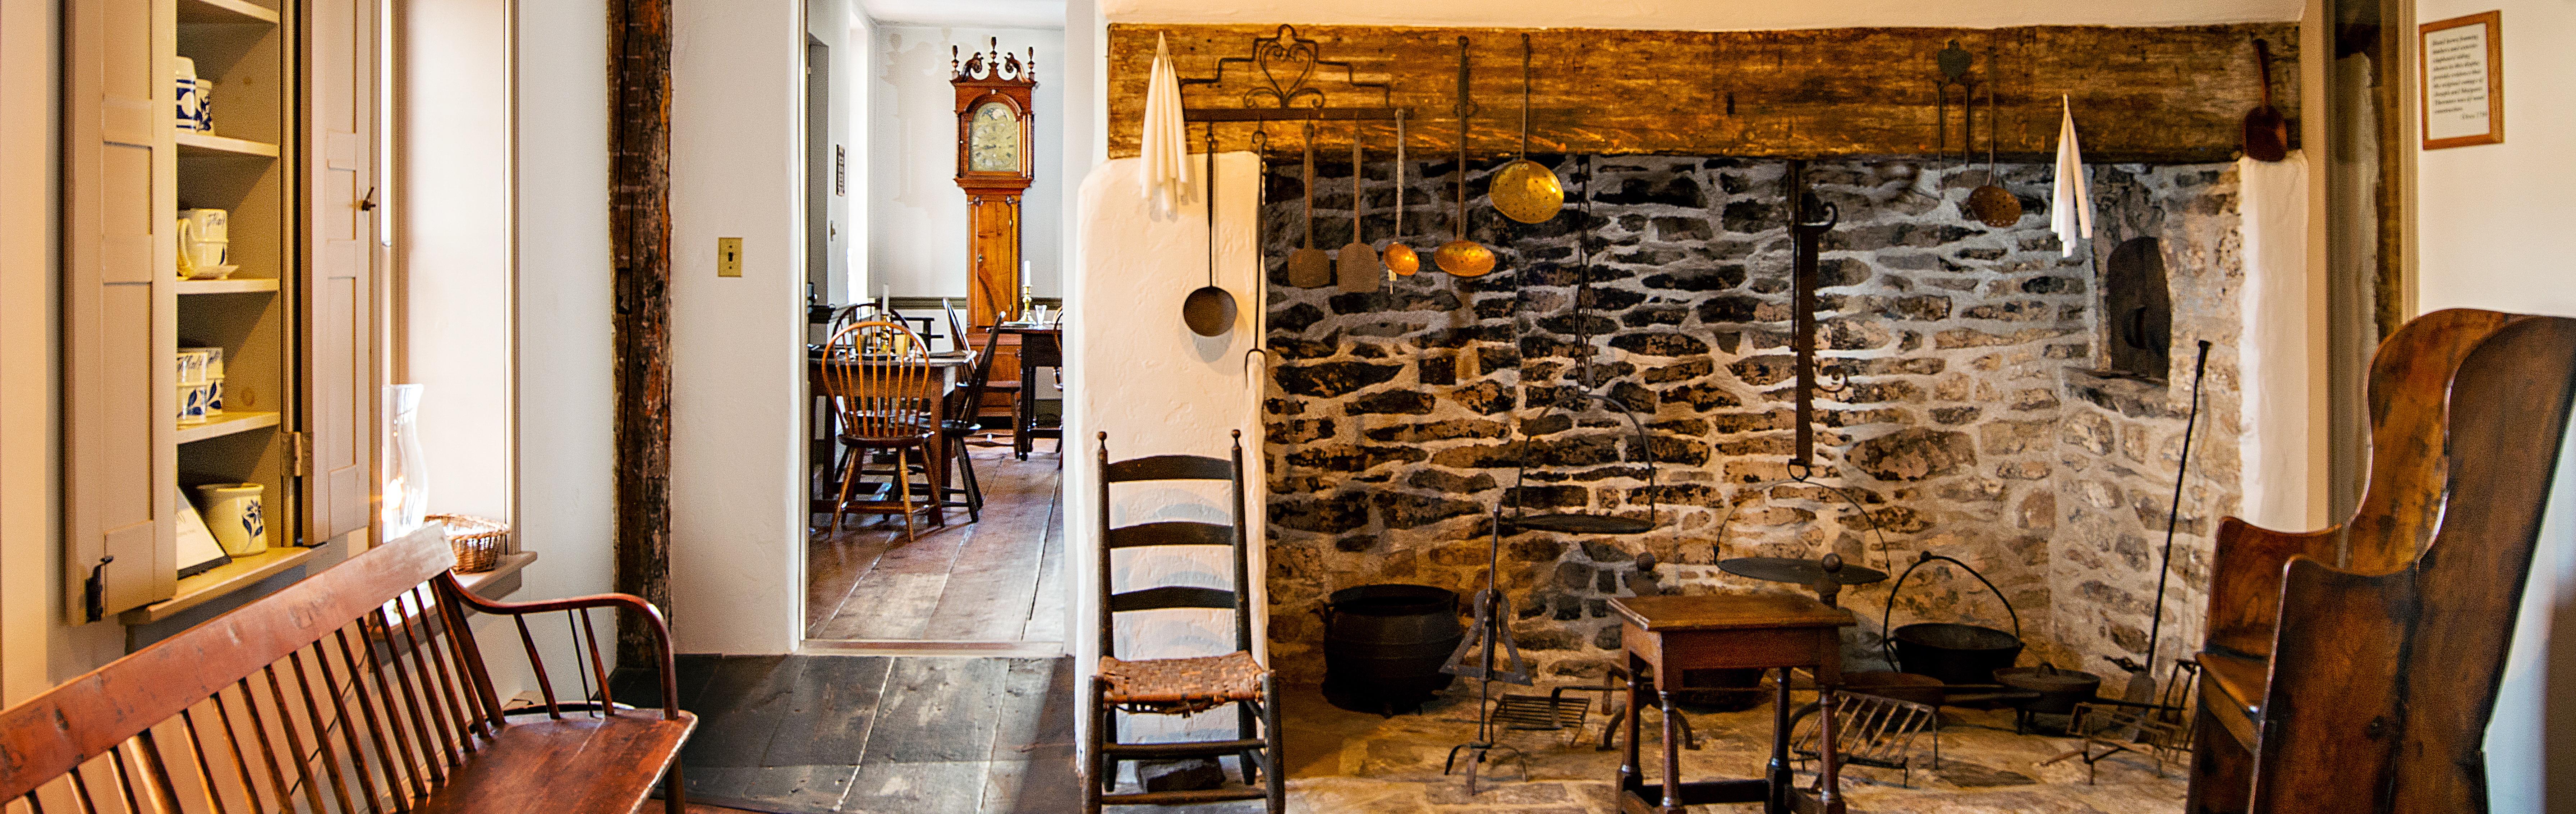 court-inn-fireplace